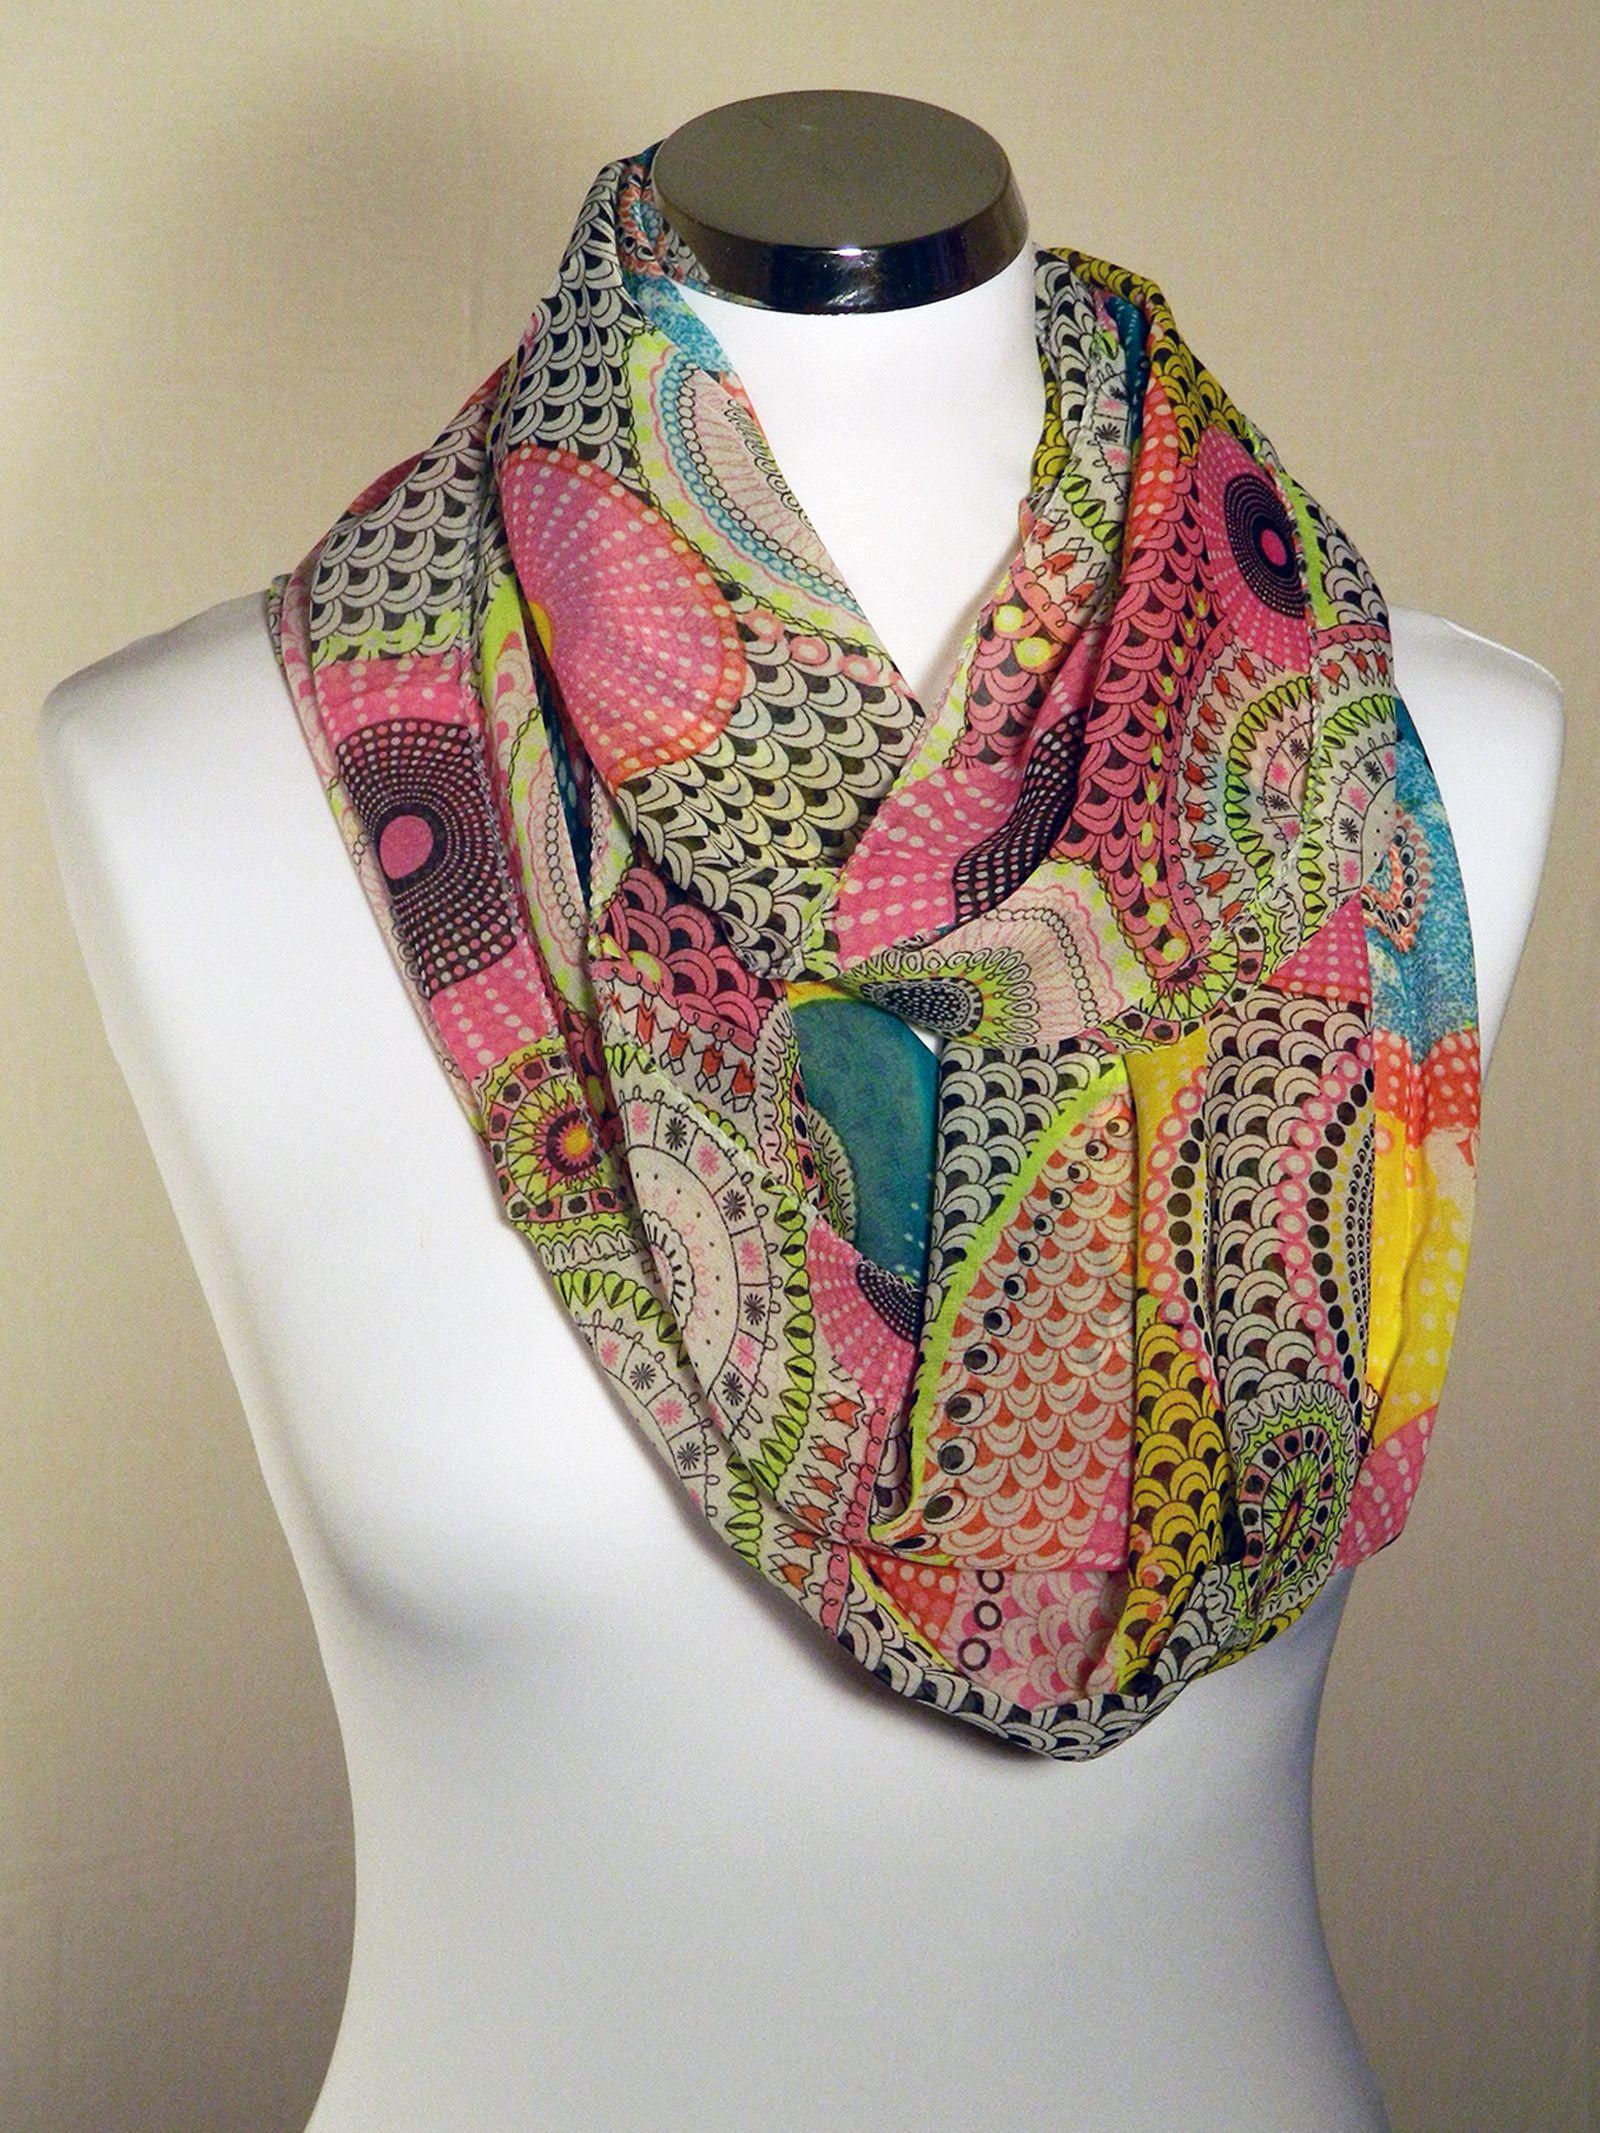 Foulard tube motifs rosaces multicolores, Rose, jaune fluo ... 15910a2a3d2